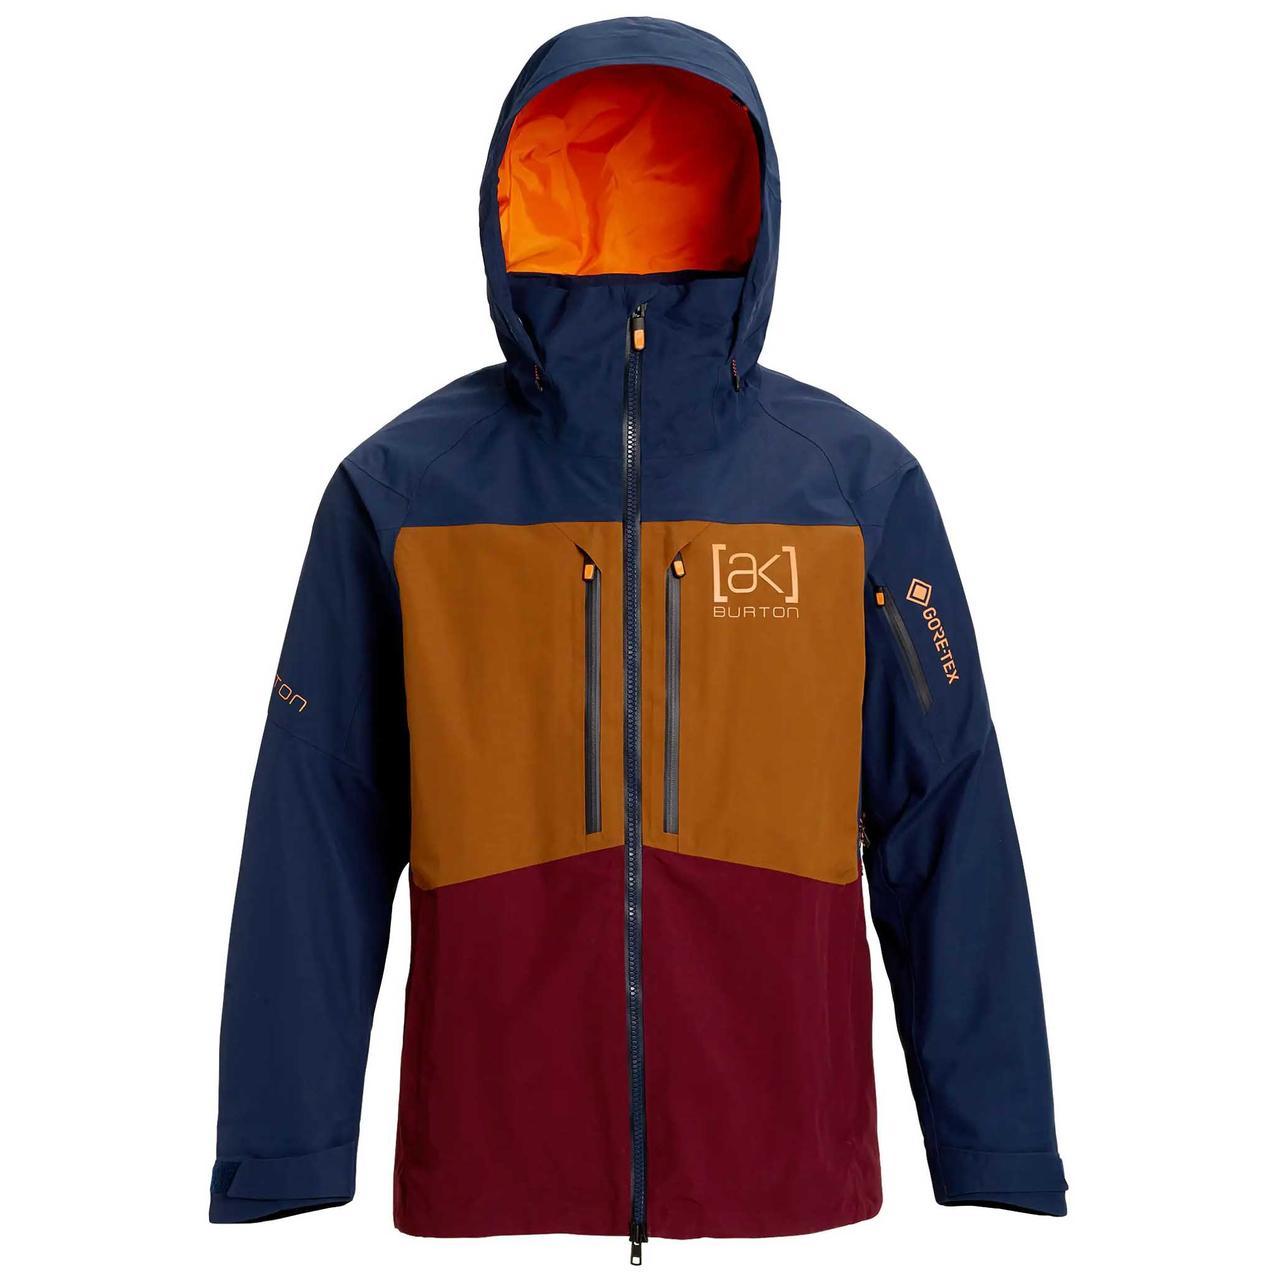 Burton  куртка сноубордическая мужская AK Gore Swash